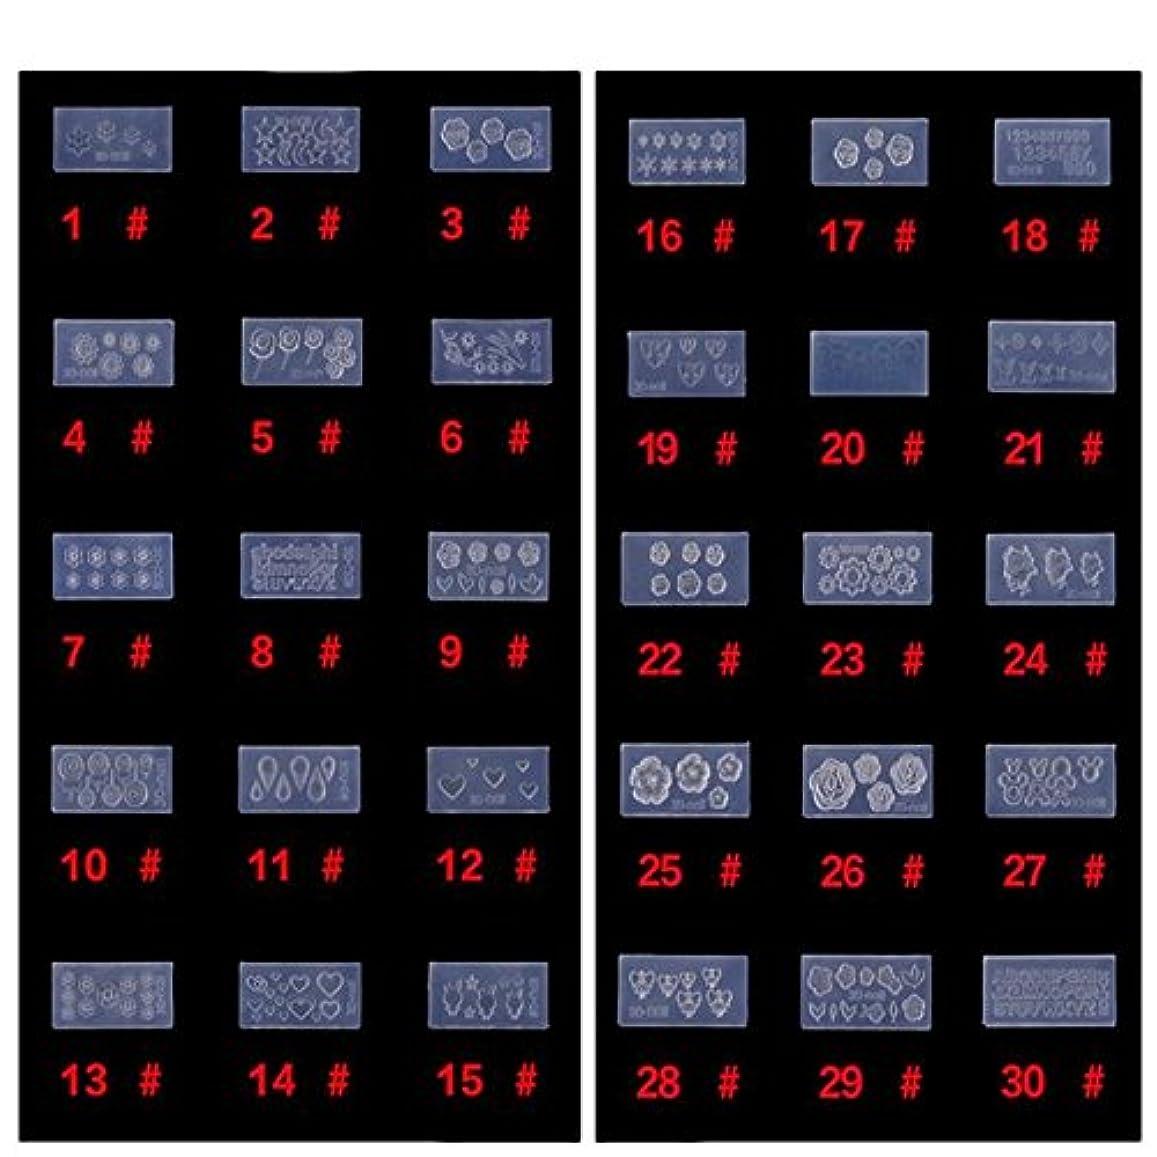 プーノ毒液大陸シリコン モールド 3D ネイル用 アートデコ まとめて30個 ランダムセット レジン 道具 型 型どり